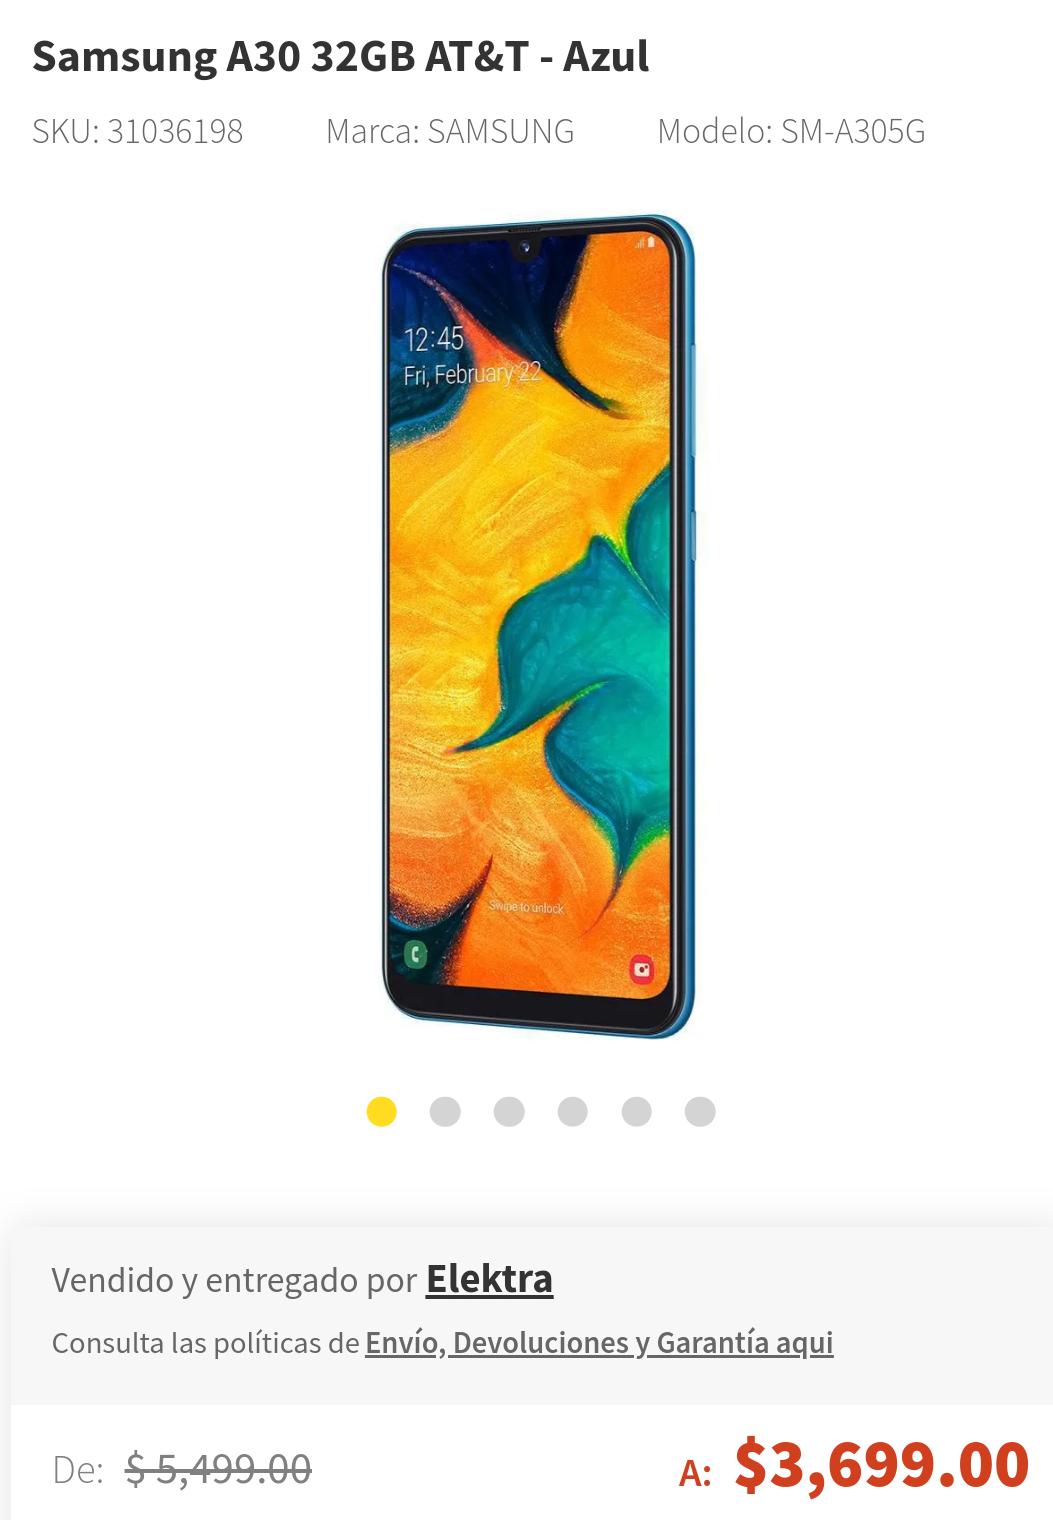 Elektra: Samsung A30 Azul AT&T Relámpago (pagando con Paypal)